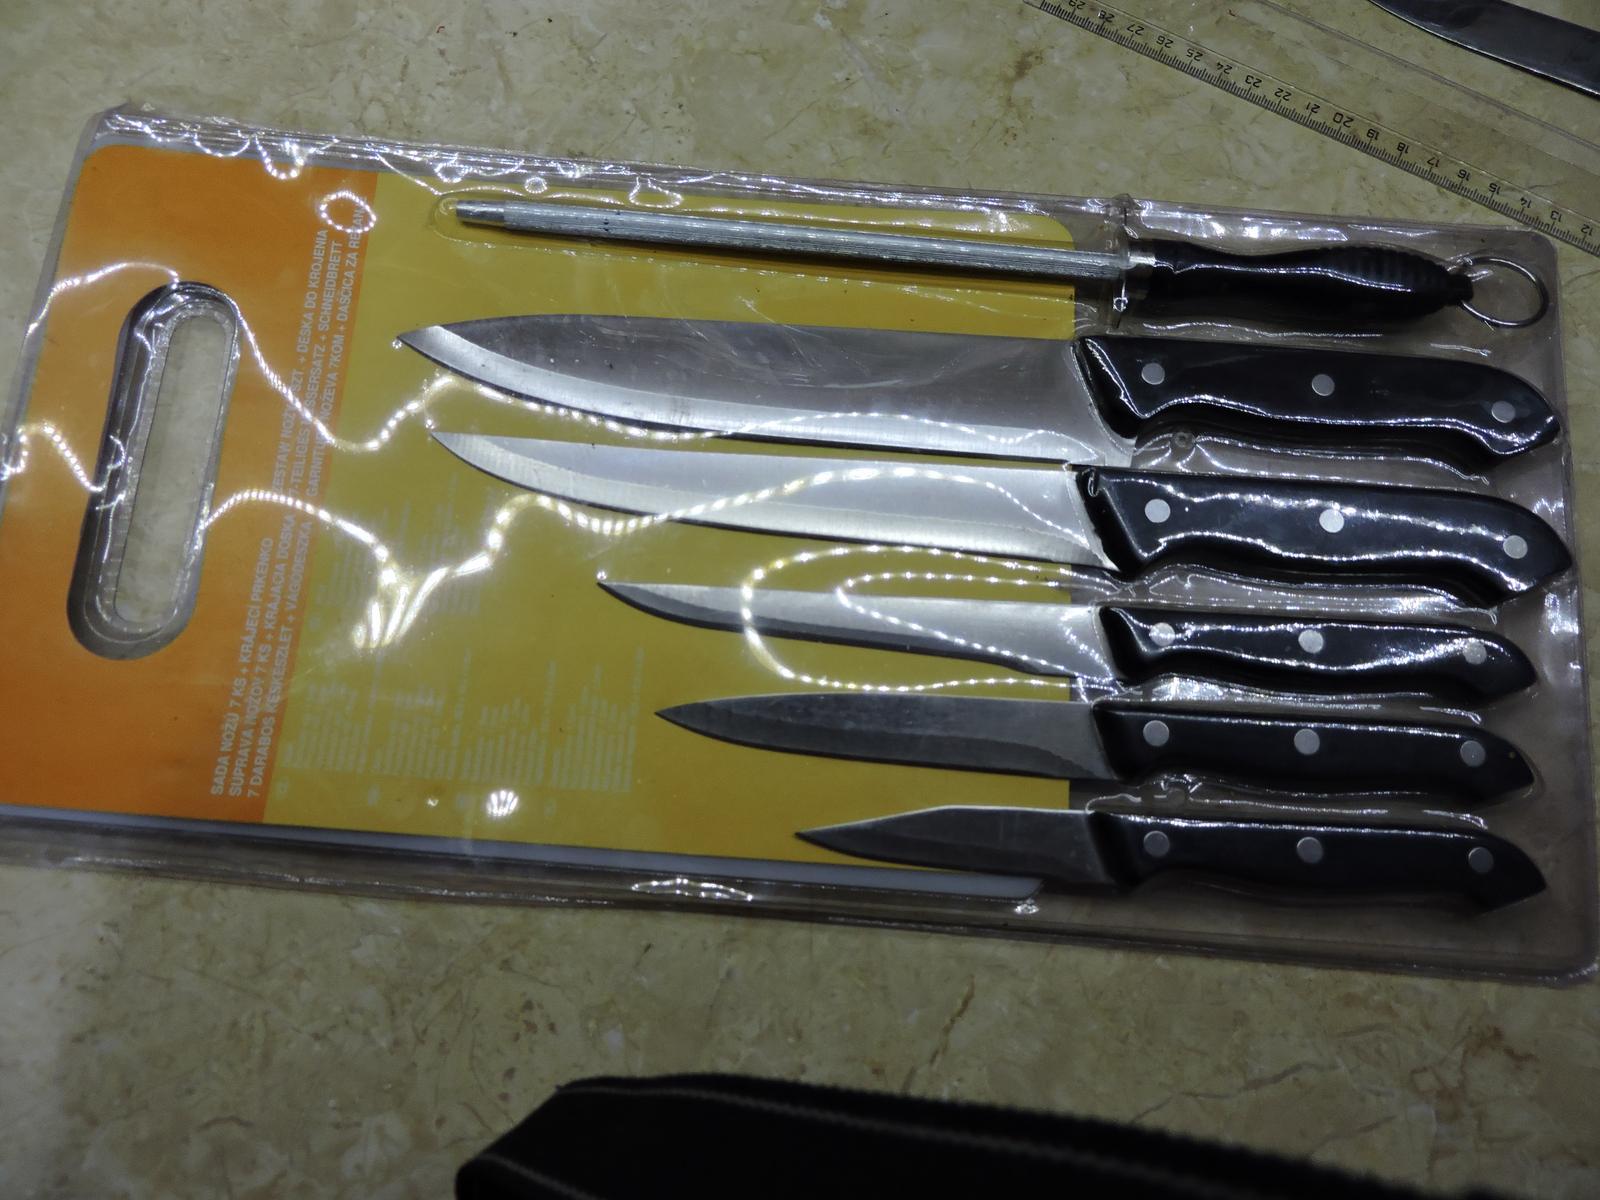 sada nožov s krájacou doskou - Obrázok č. 1